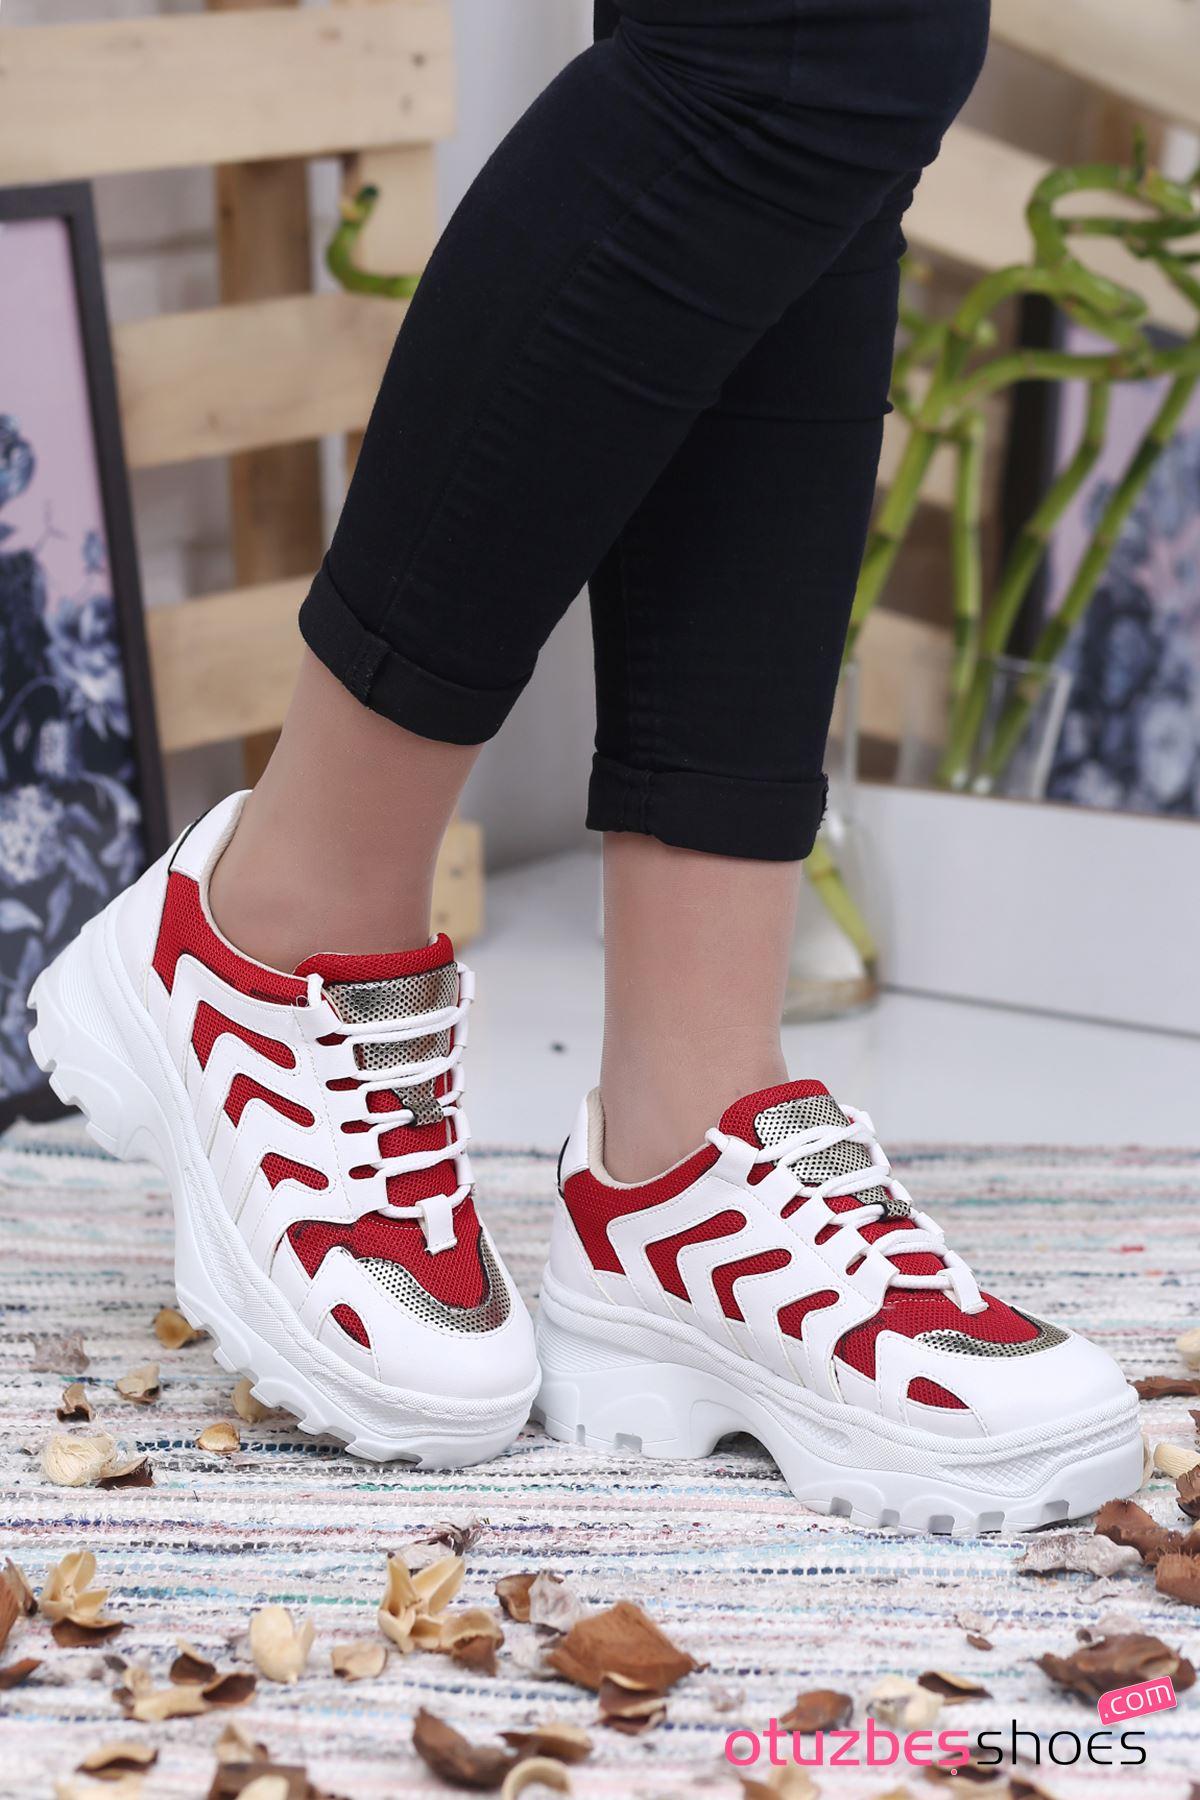 Karin Mat Deri Kırmızı Detay Bayan Spor Ayakkabı Beyaz